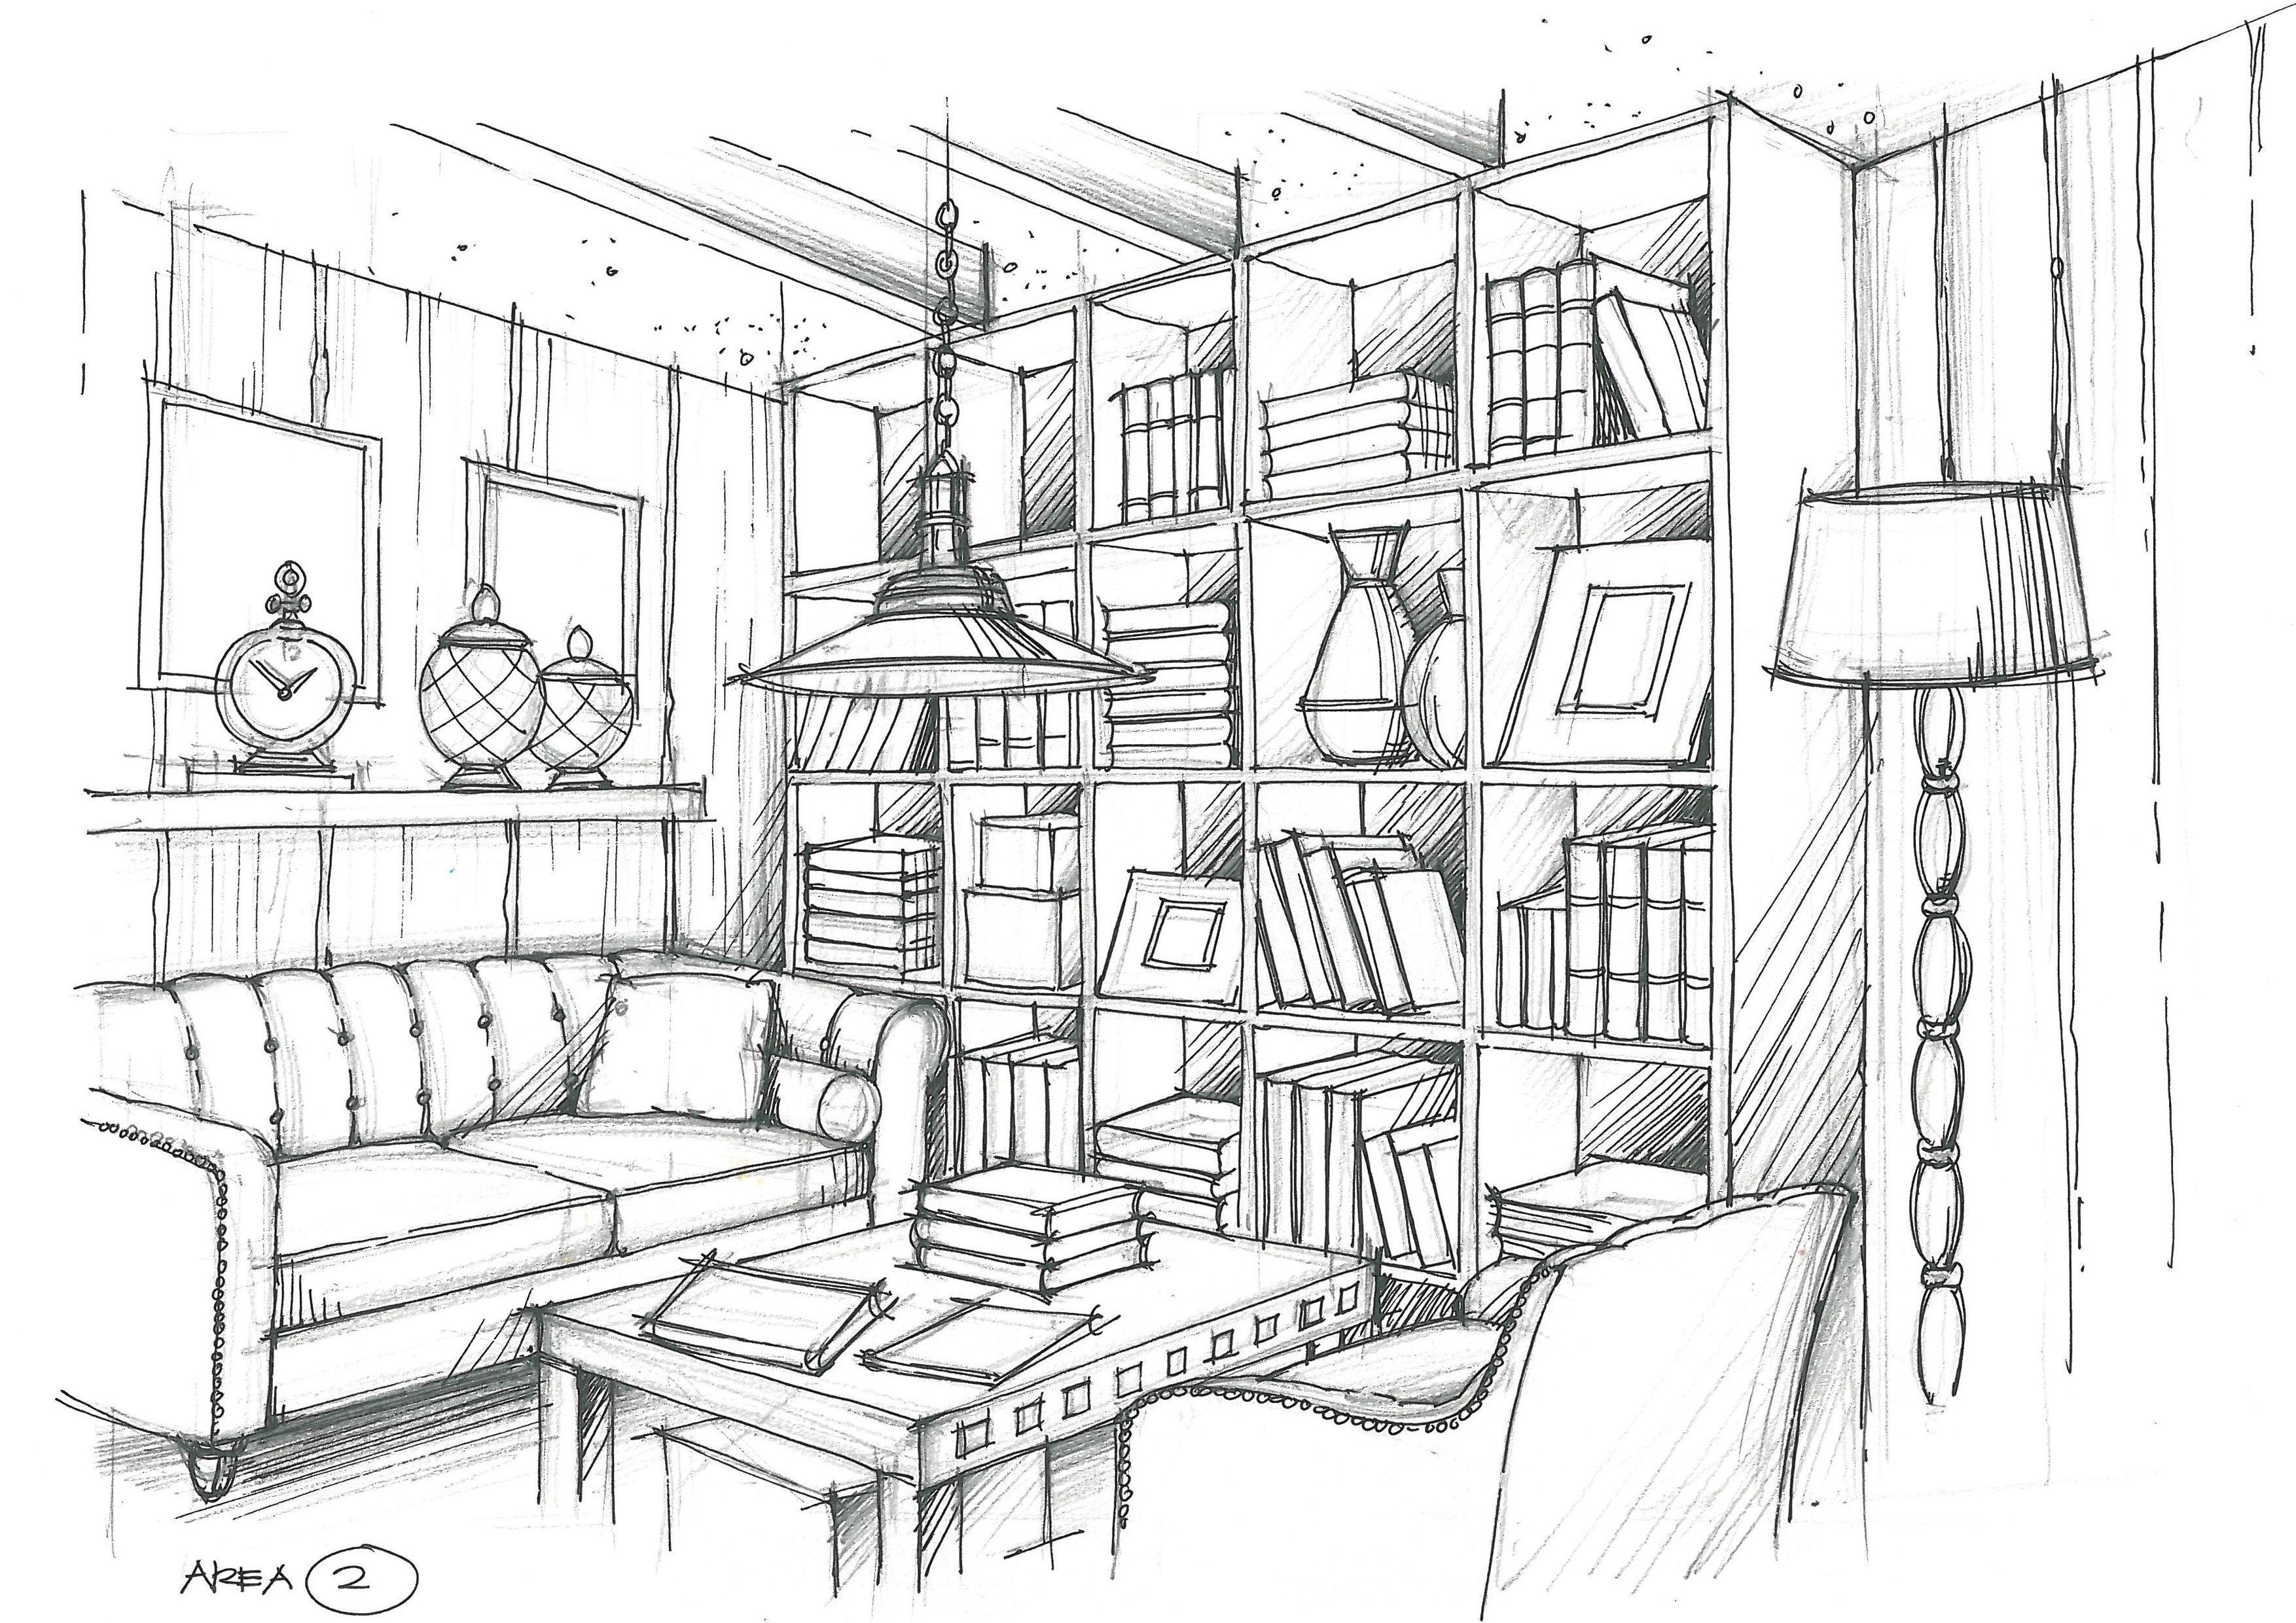 Living Room Esbocos Arquitetonicos Esboco Interior Ponto De Fuga